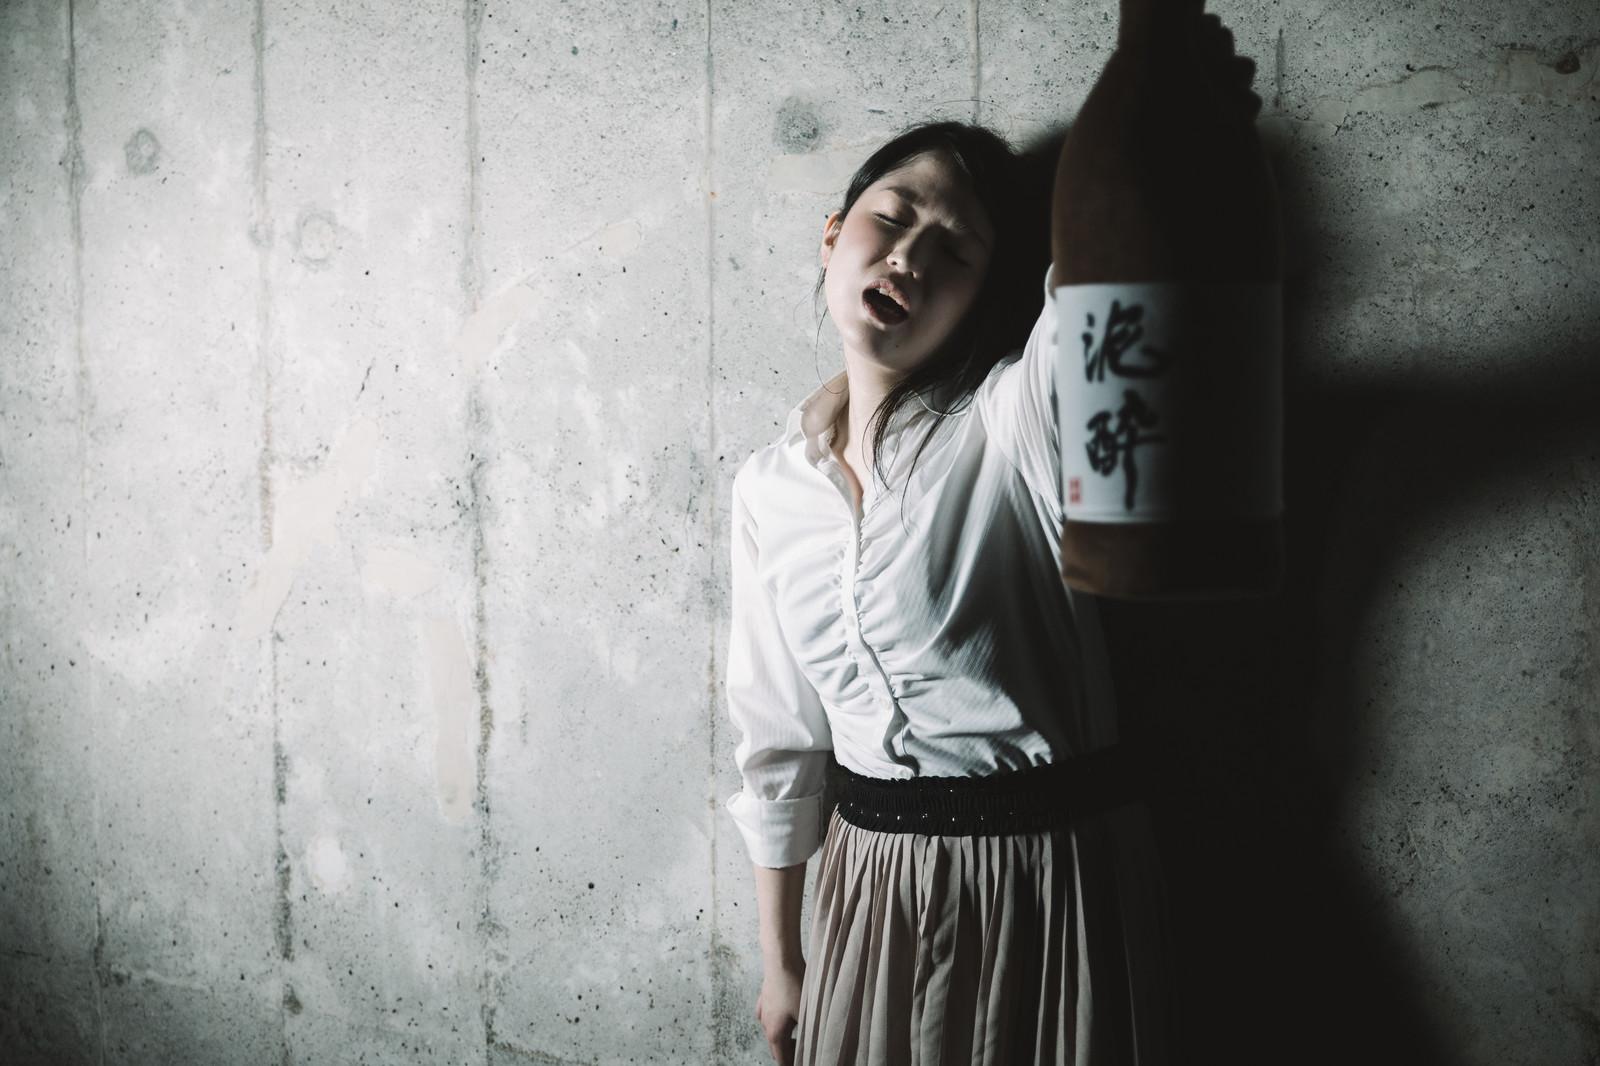 認知症予防と飲酒の関係